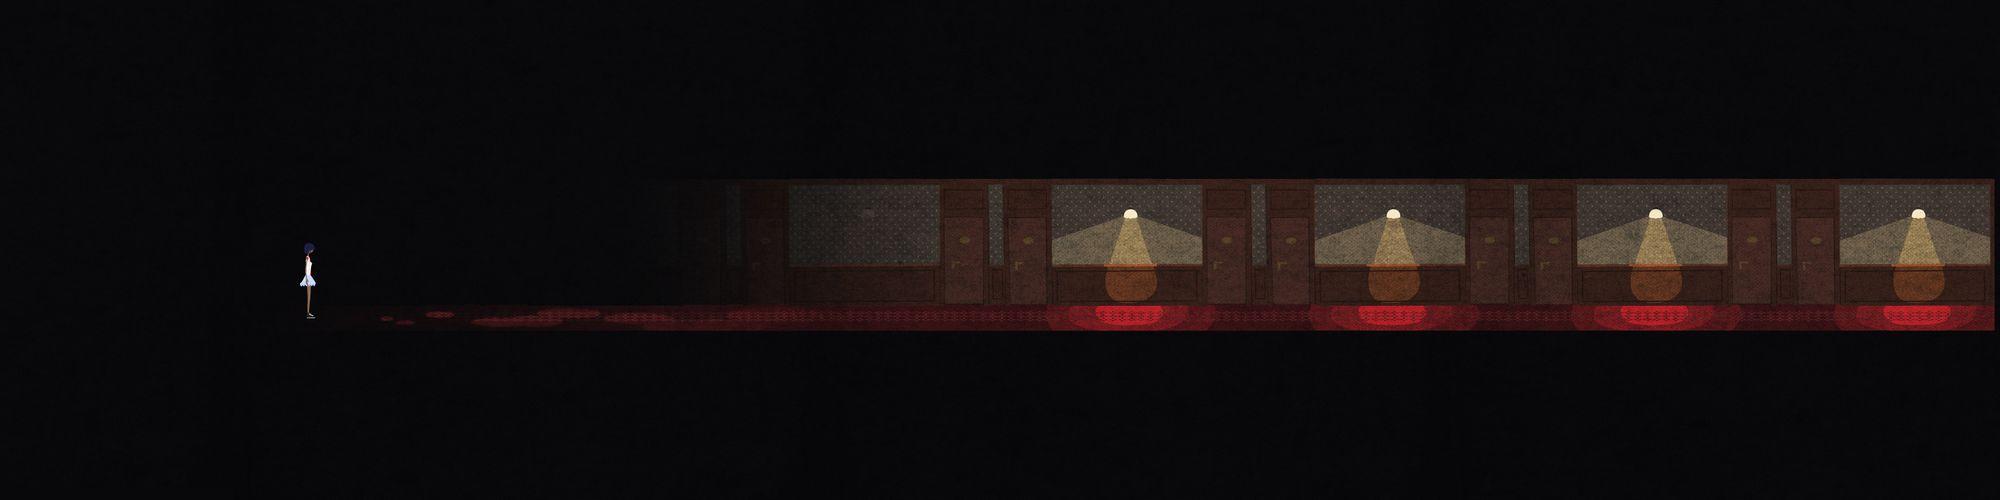 A partially lit up hotel corridor